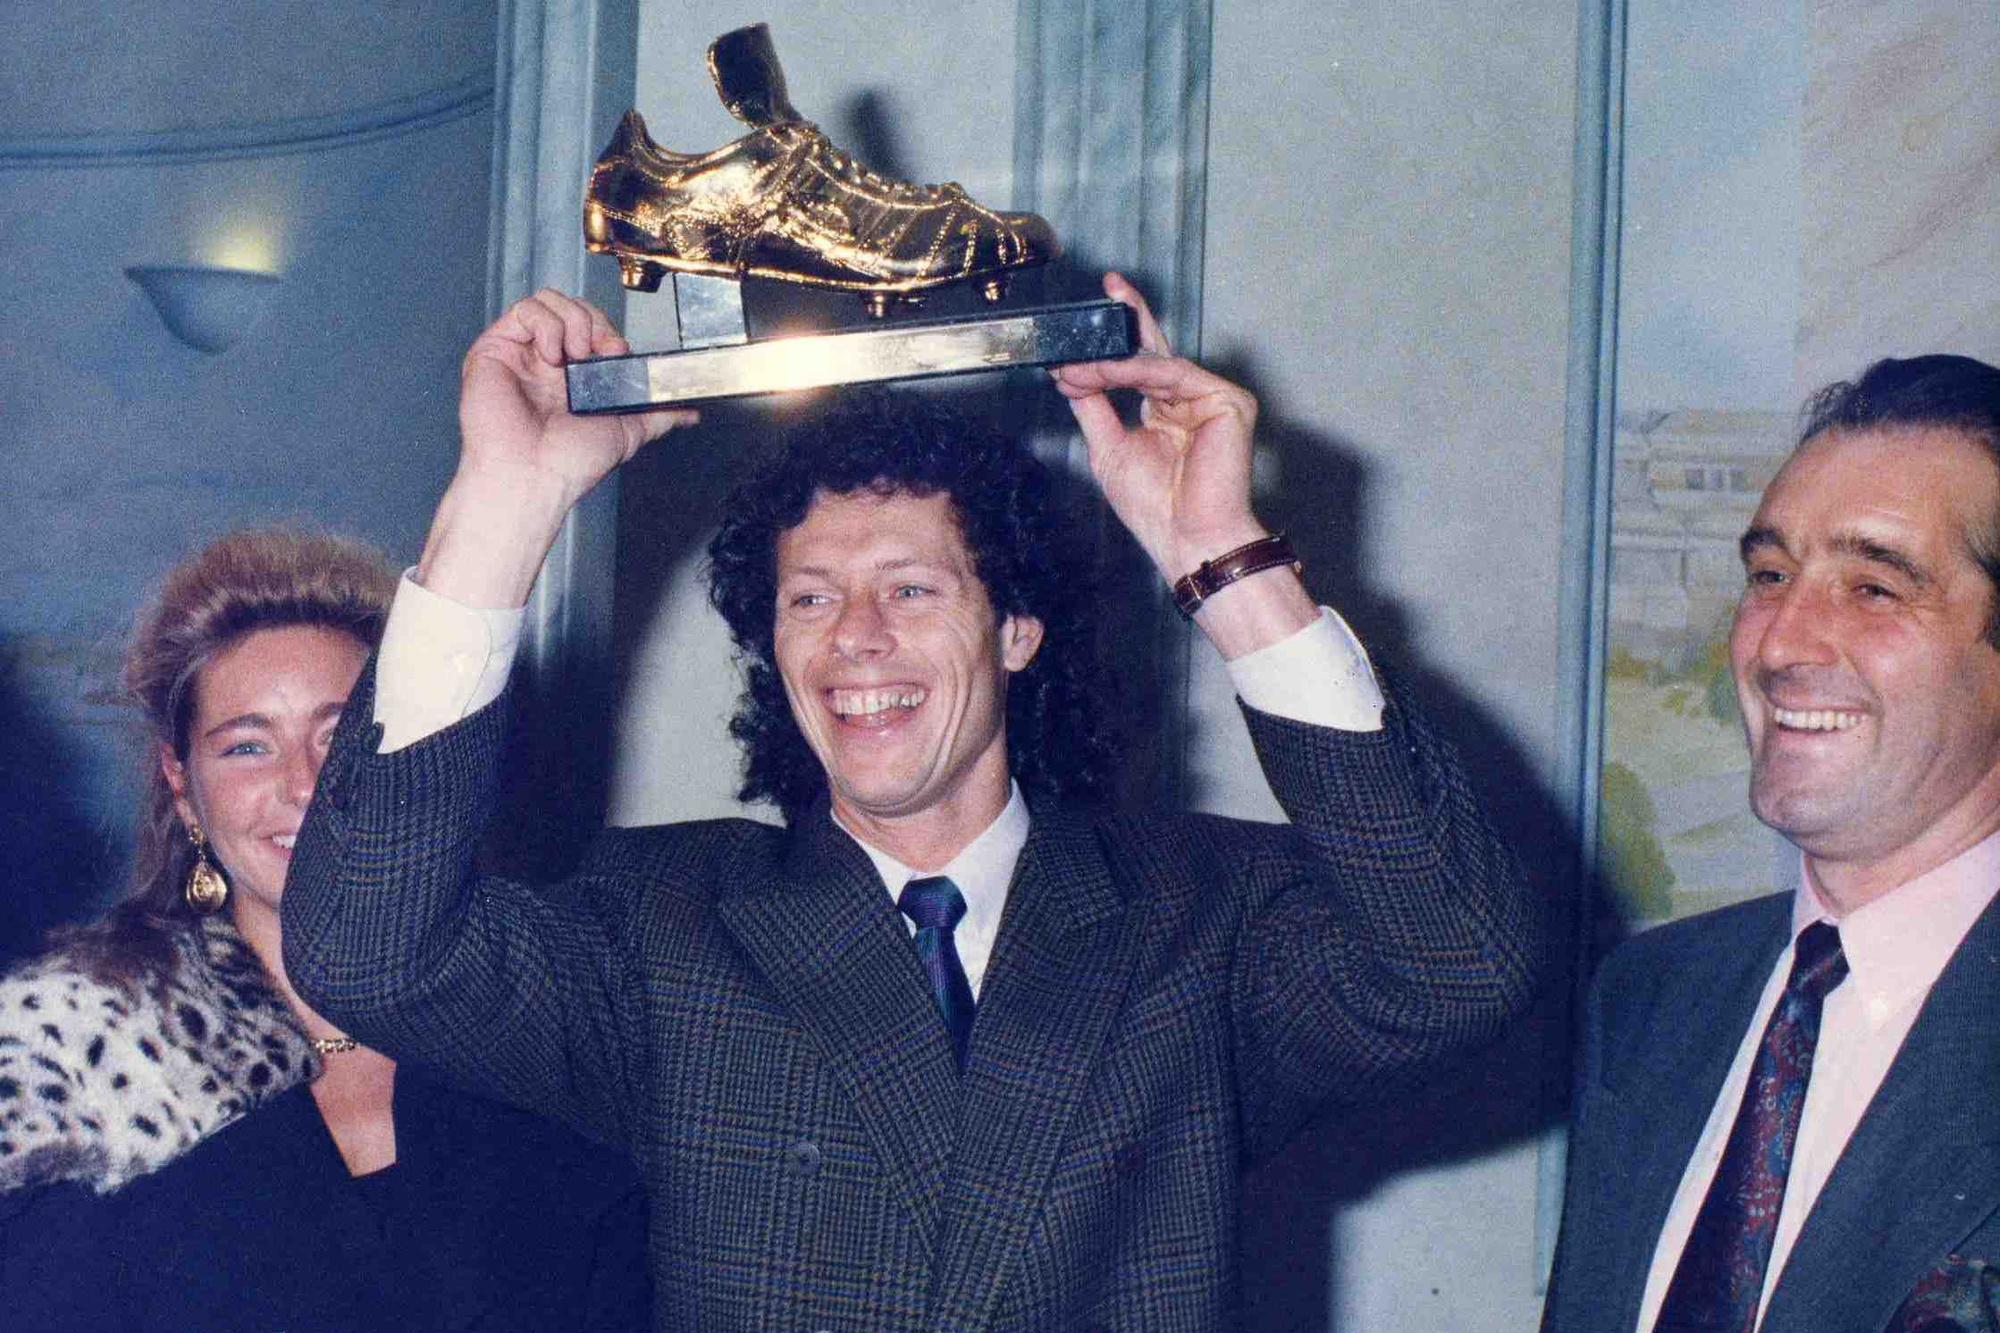 Michel Preud'homme pronkt met de Gouden Schoen, Belga Image